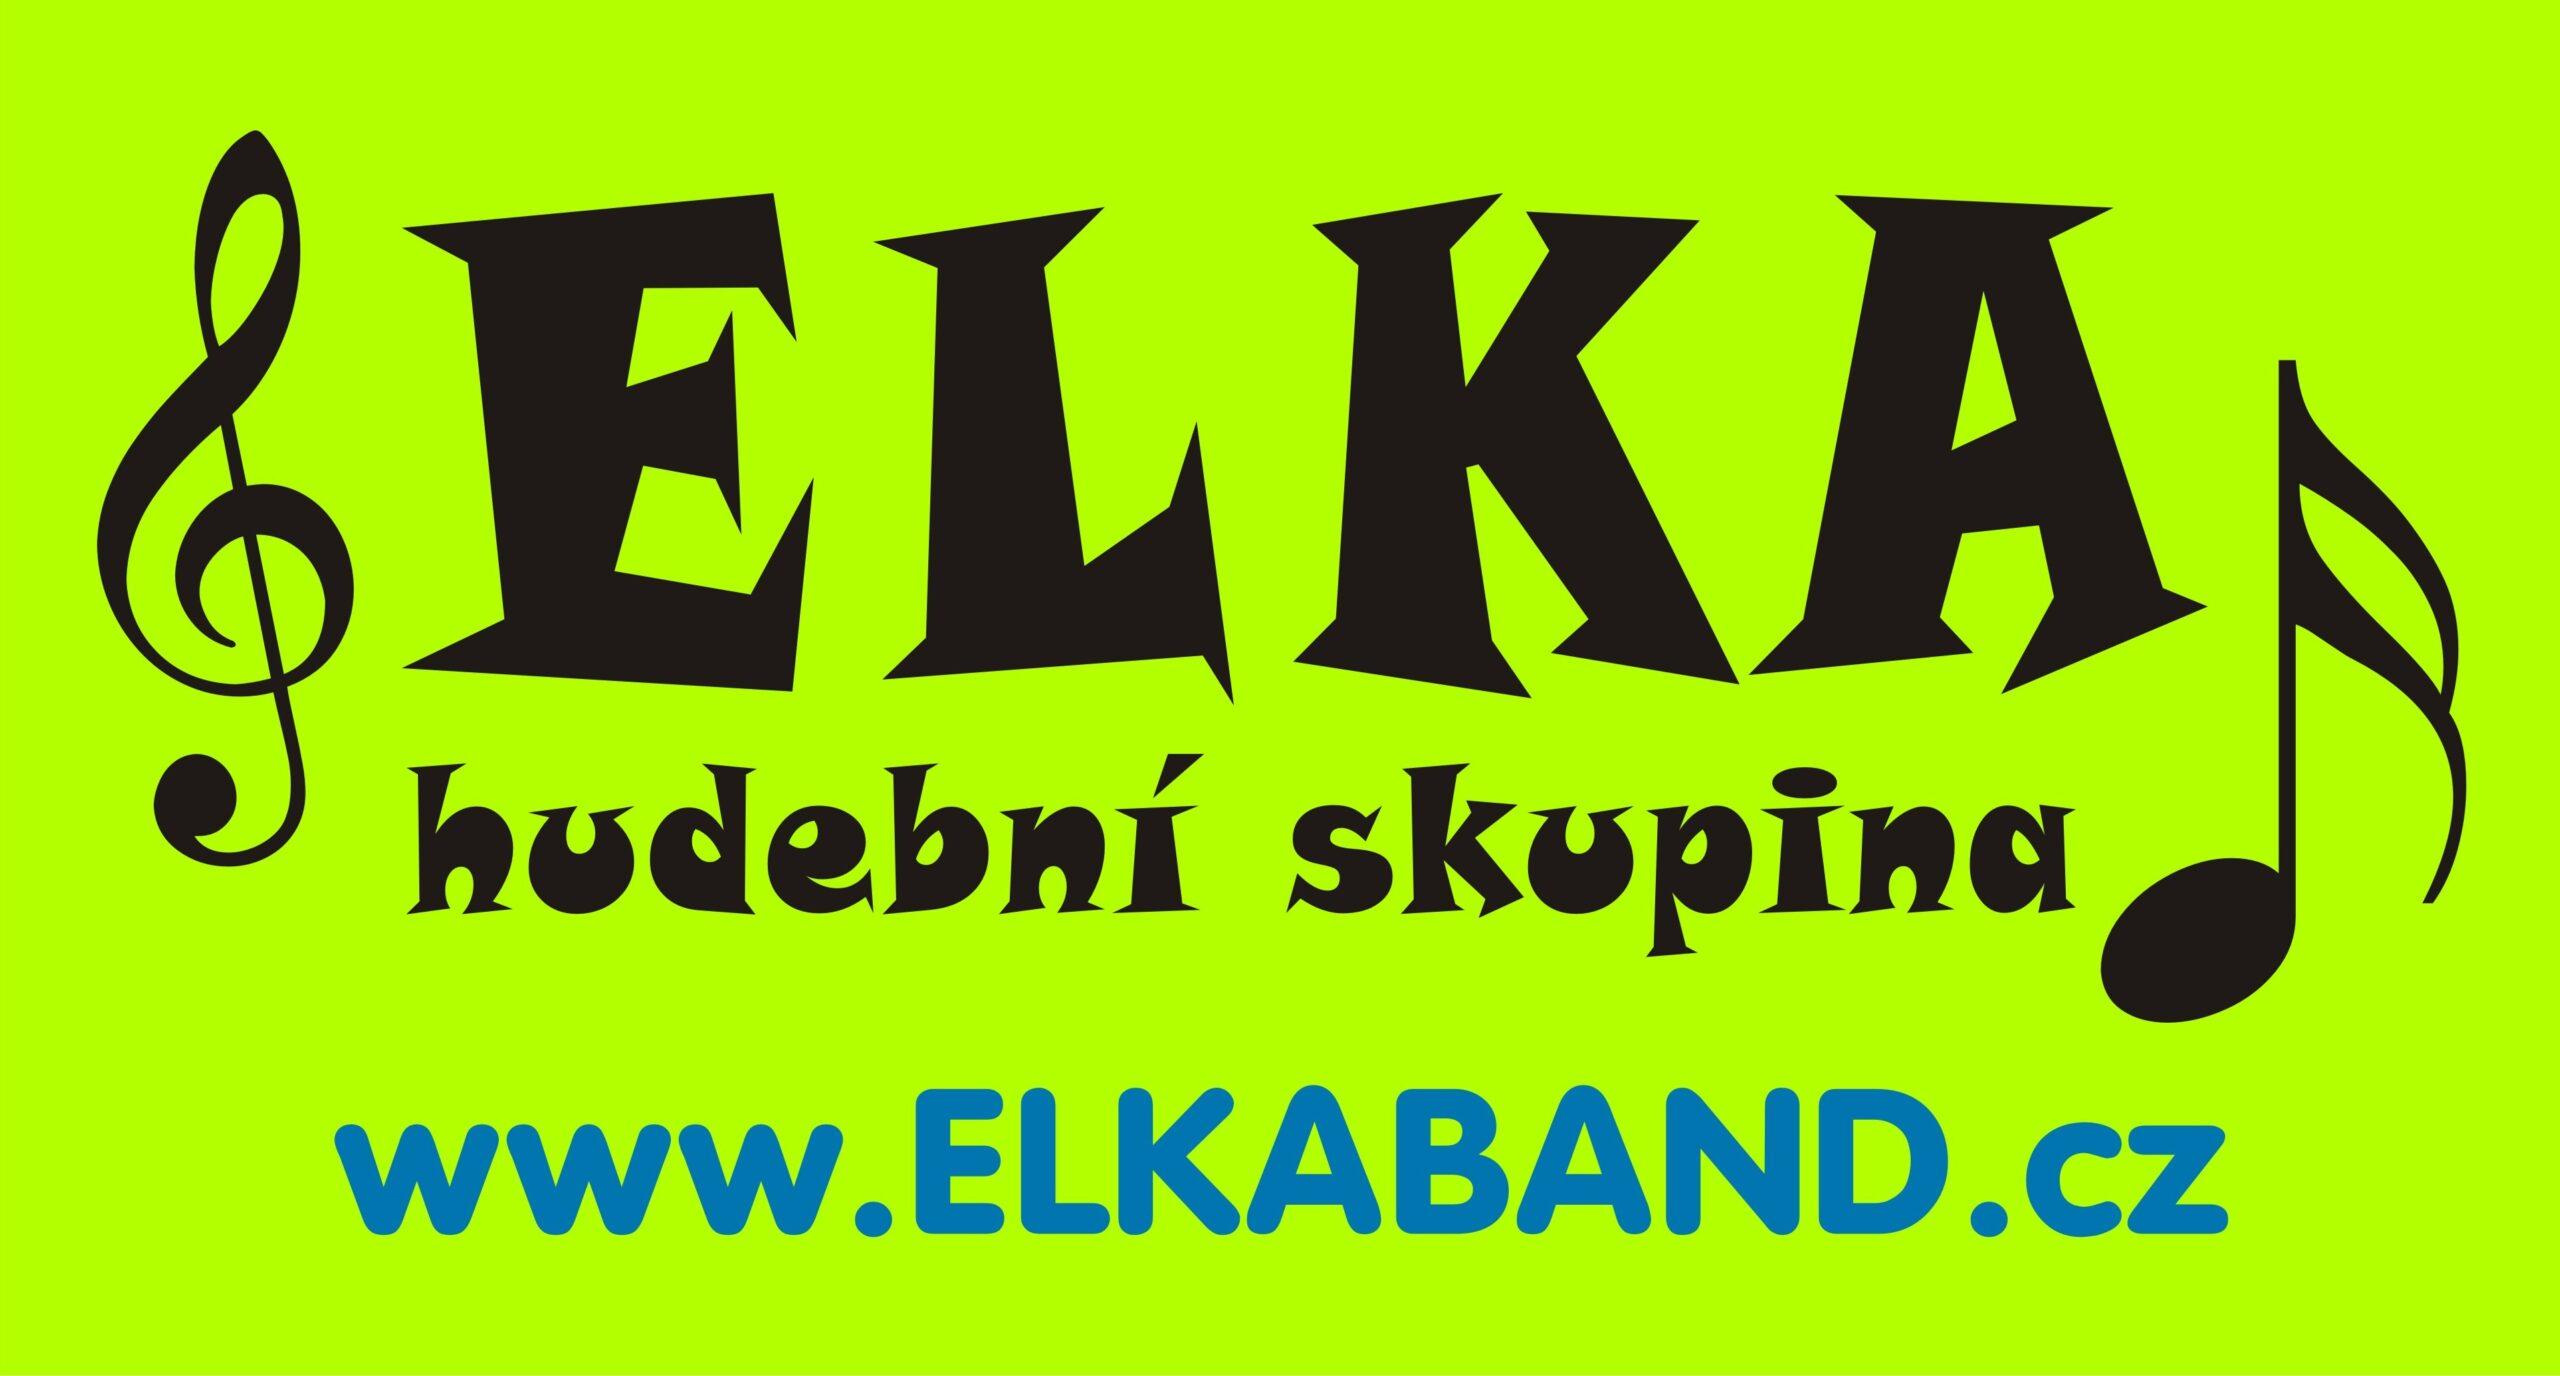 www.elkaband.cz